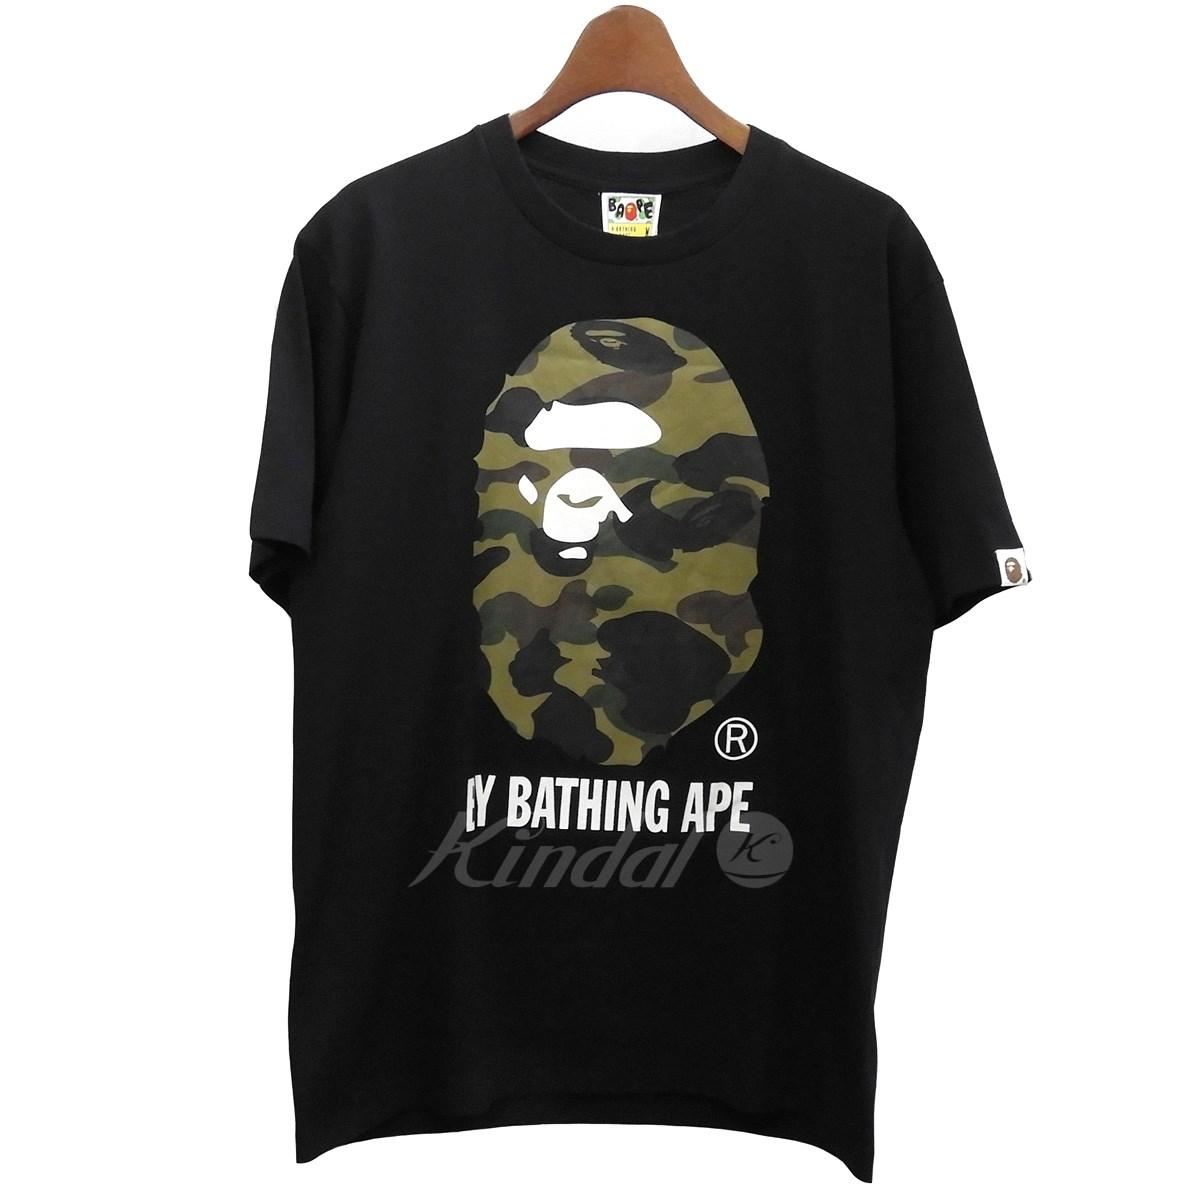 【中古】A BATHING APE 「1st Camo By Bathing Tee」1stカモビッグエイプヘッドTシャツ ブラック サイズ:M 【送料無料】 【190918】(アベイシングエイプ)